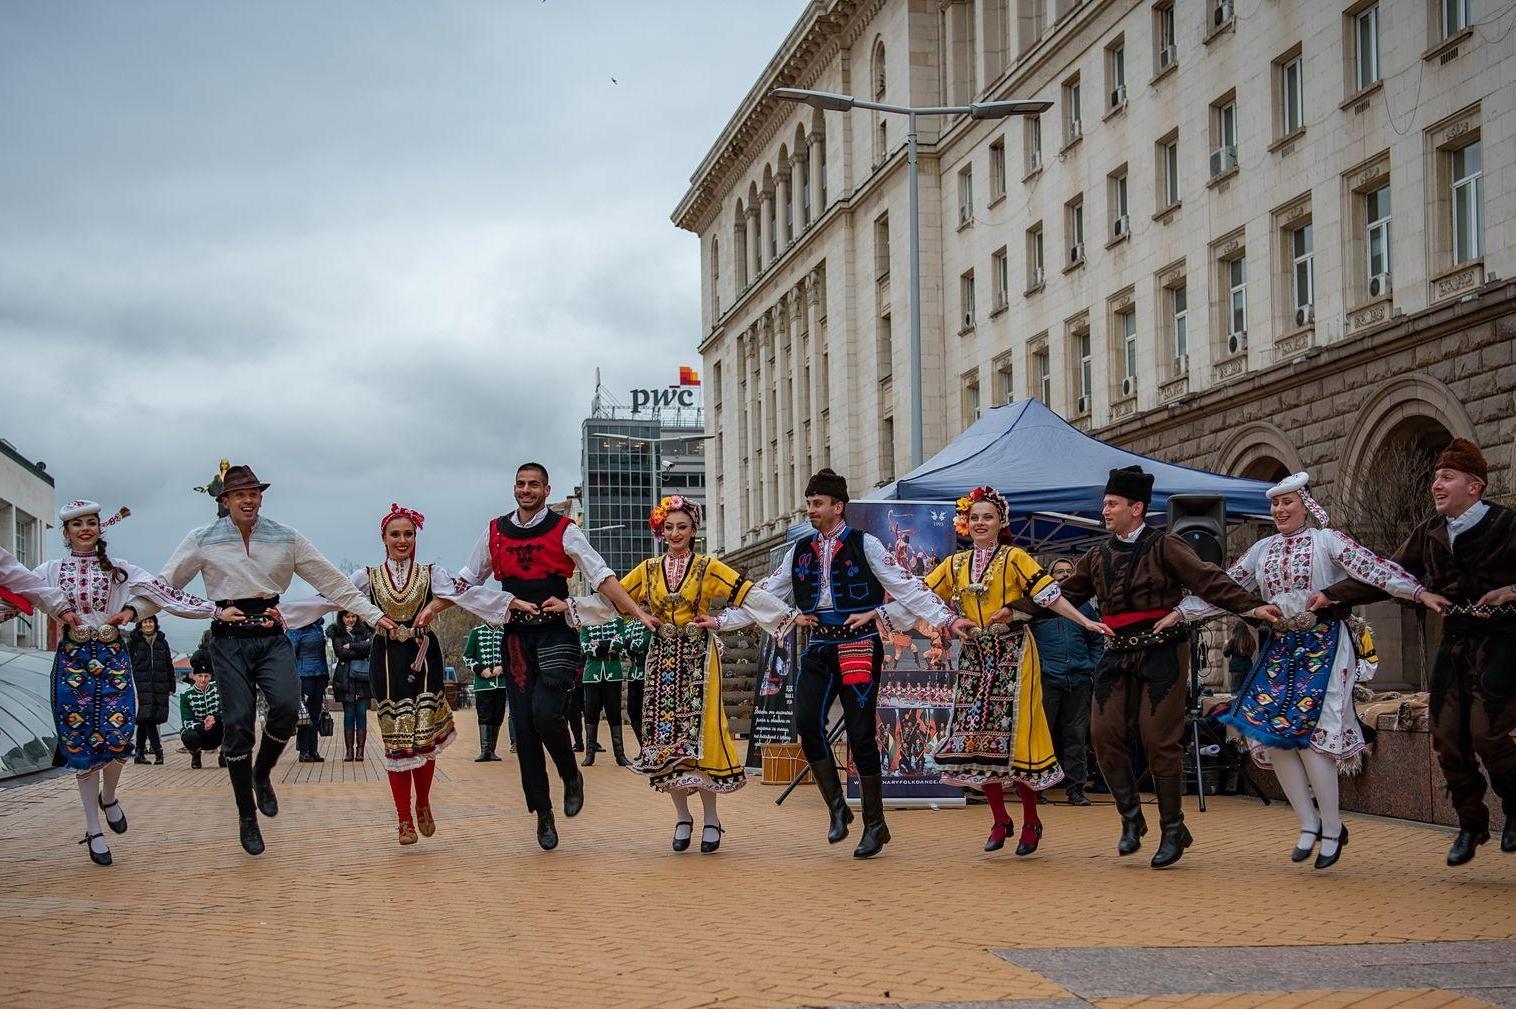 Фолклорни ритми на Ларгото в София, Българе, Чинари и Елика  със спектакъл